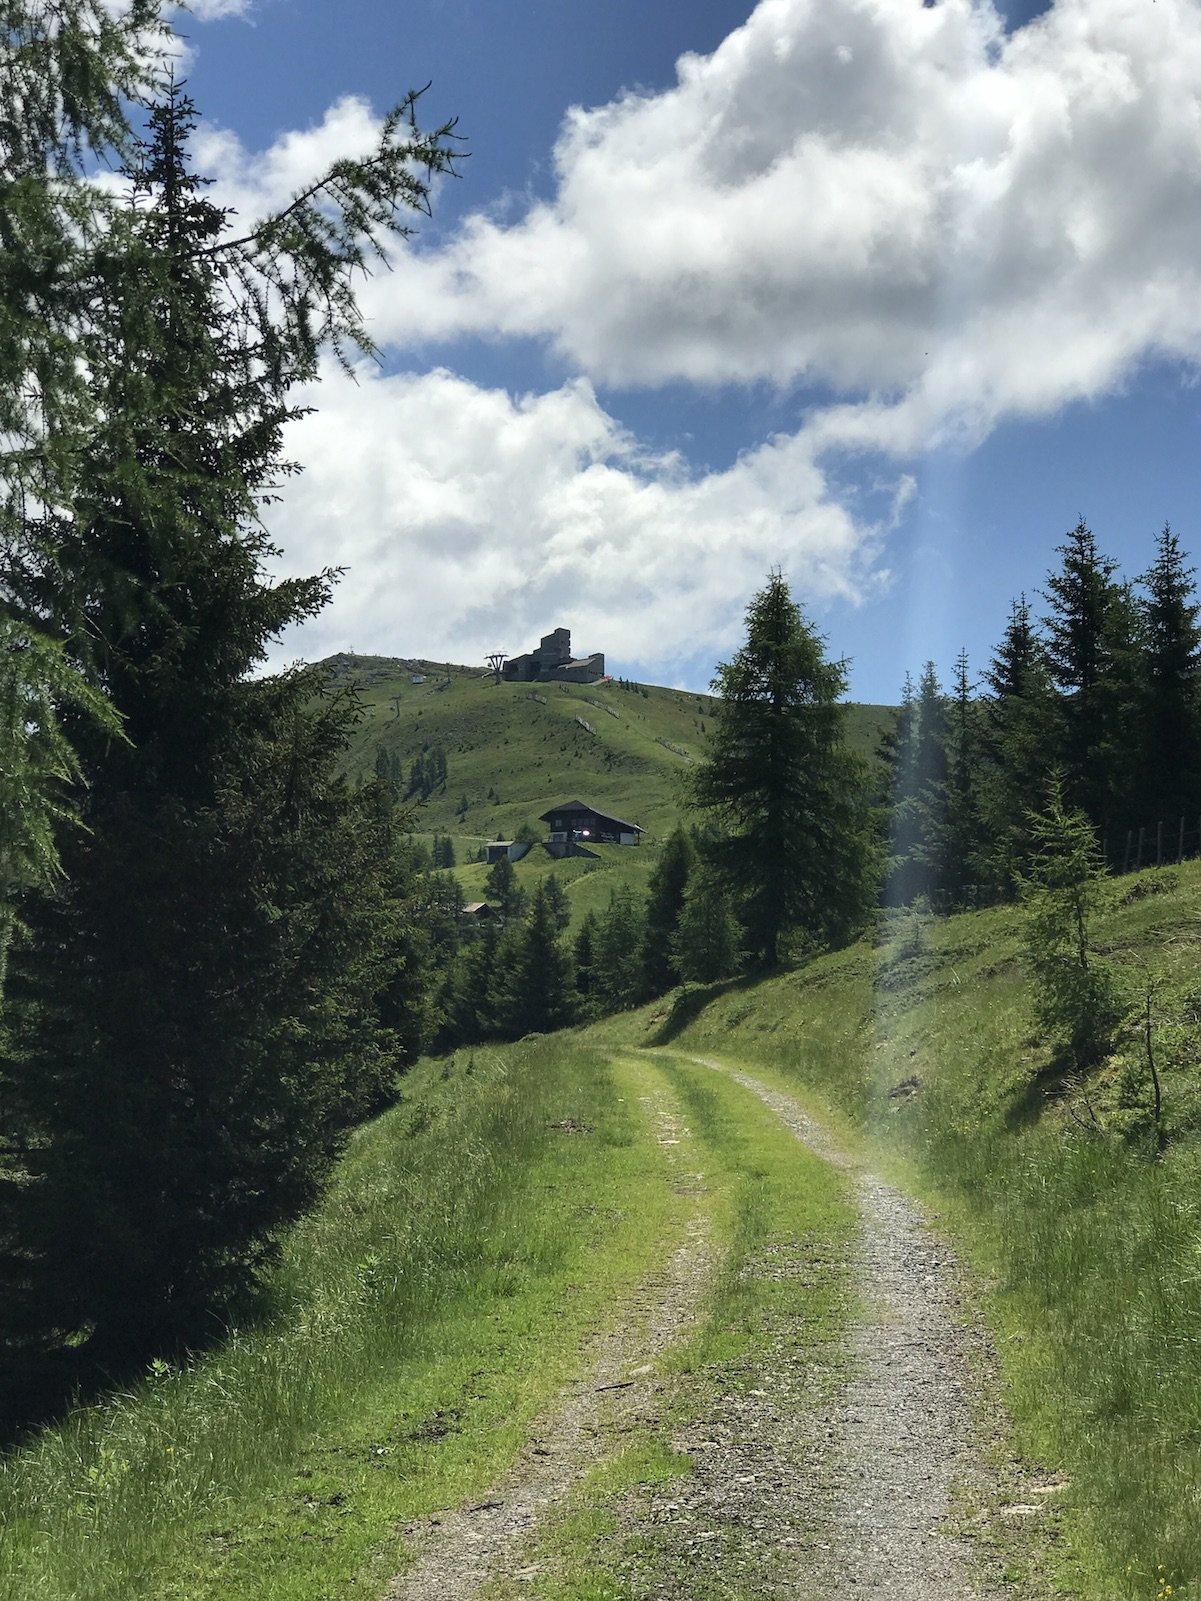 Feldweg und das Bergrestaurant Kaiserburg ist in Sichtweite